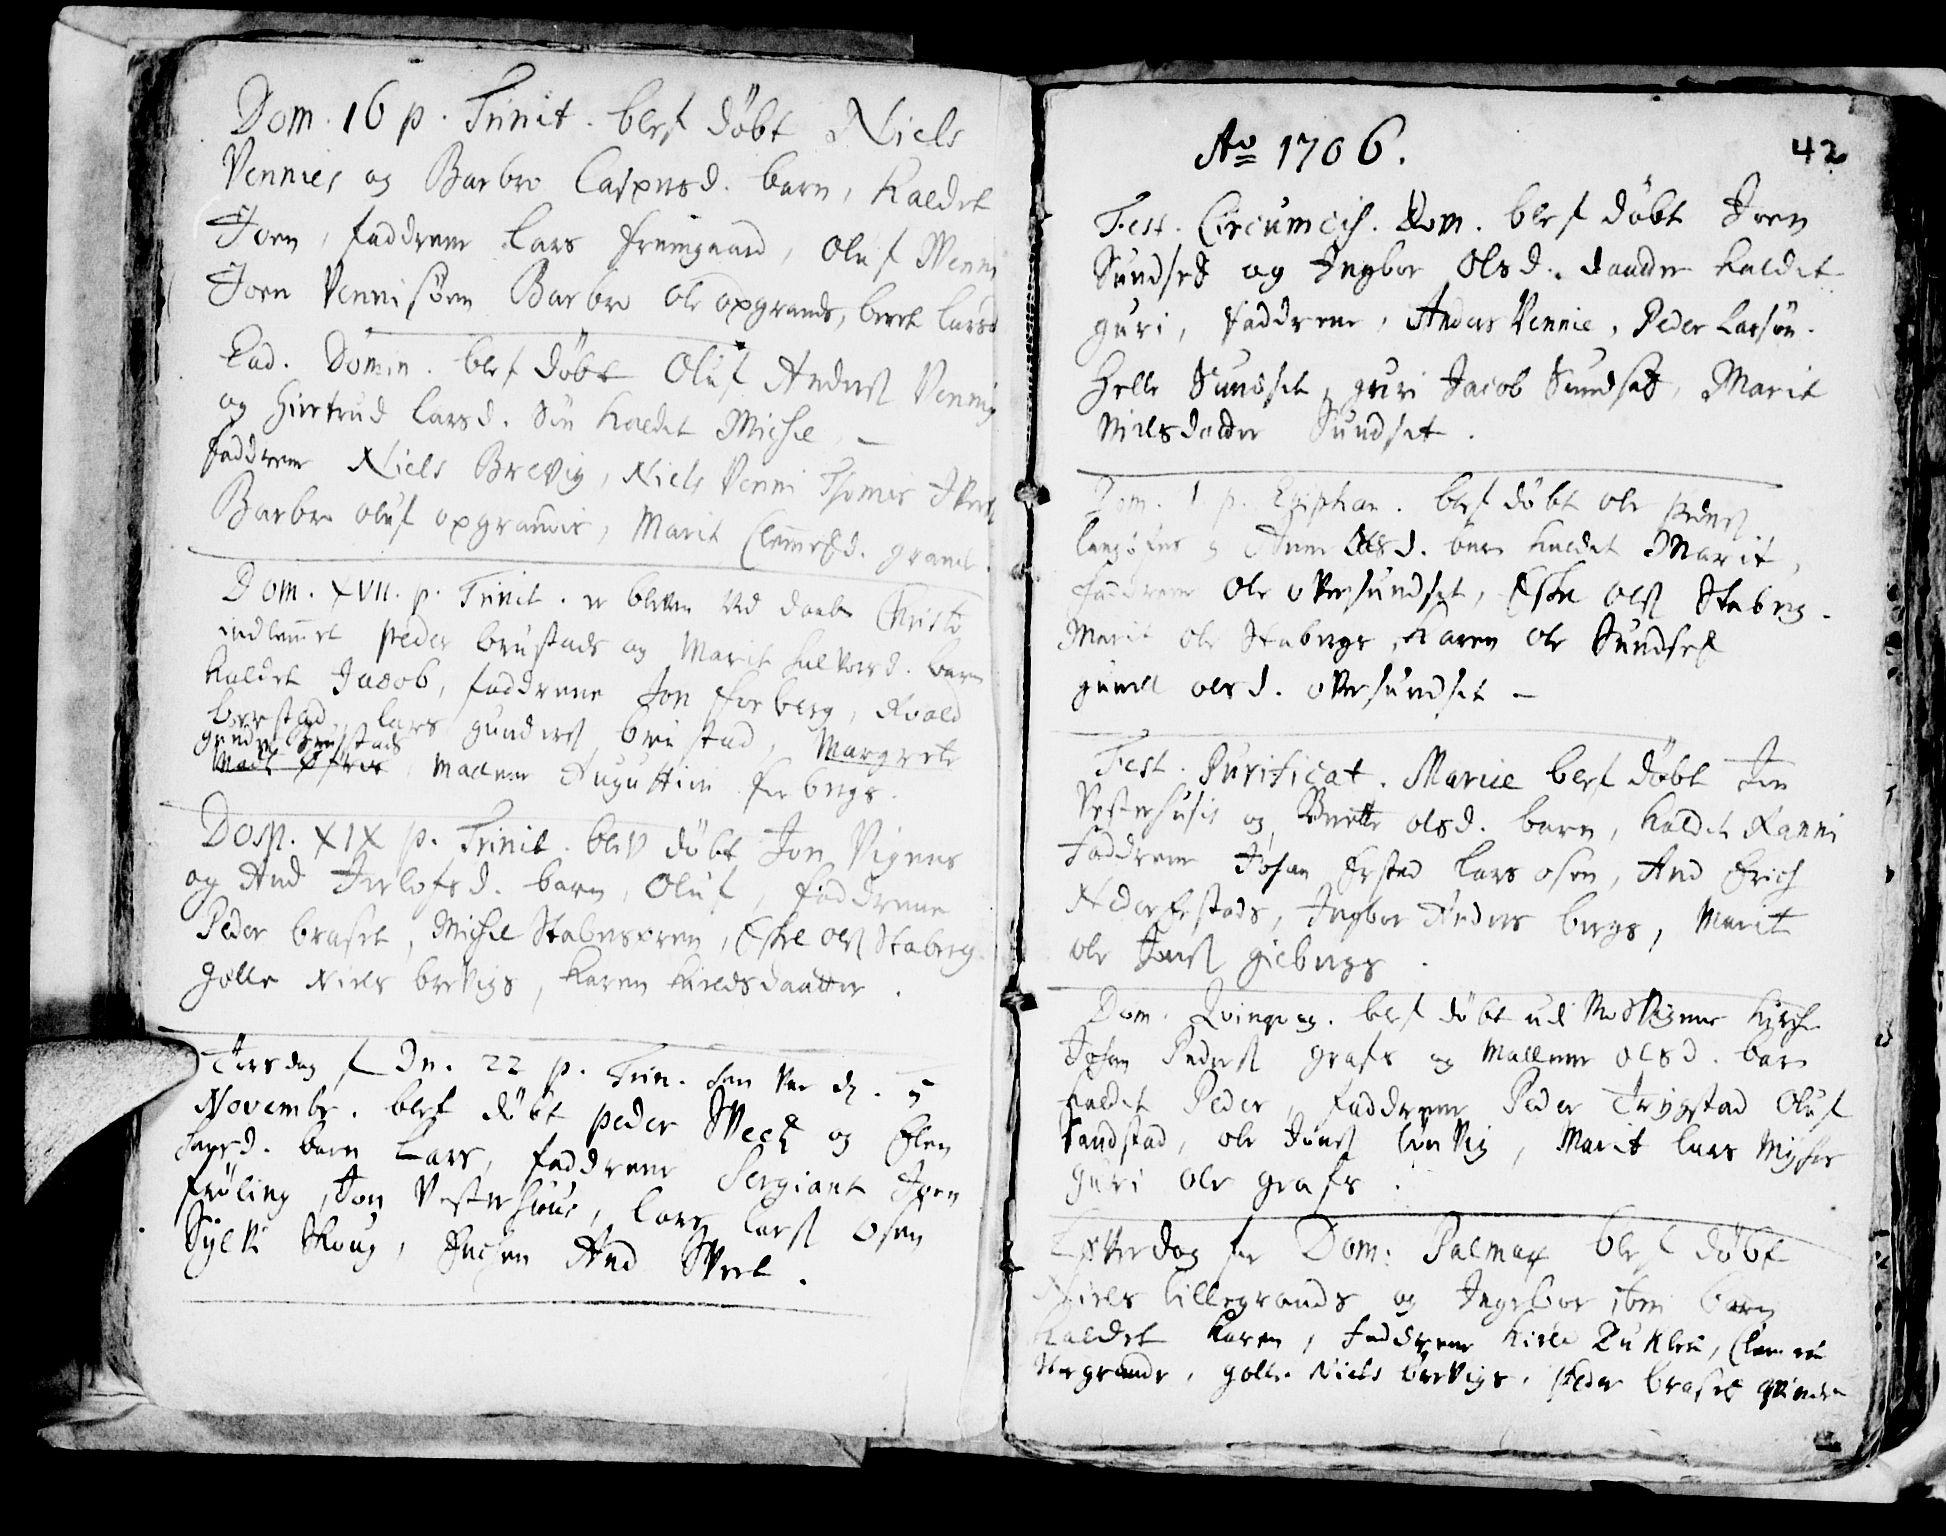 SAT, Ministerialprotokoller, klokkerbøker og fødselsregistre - Nord-Trøndelag, 722/L0214: Ministerialbok nr. 722A01, 1692-1718, s. 42